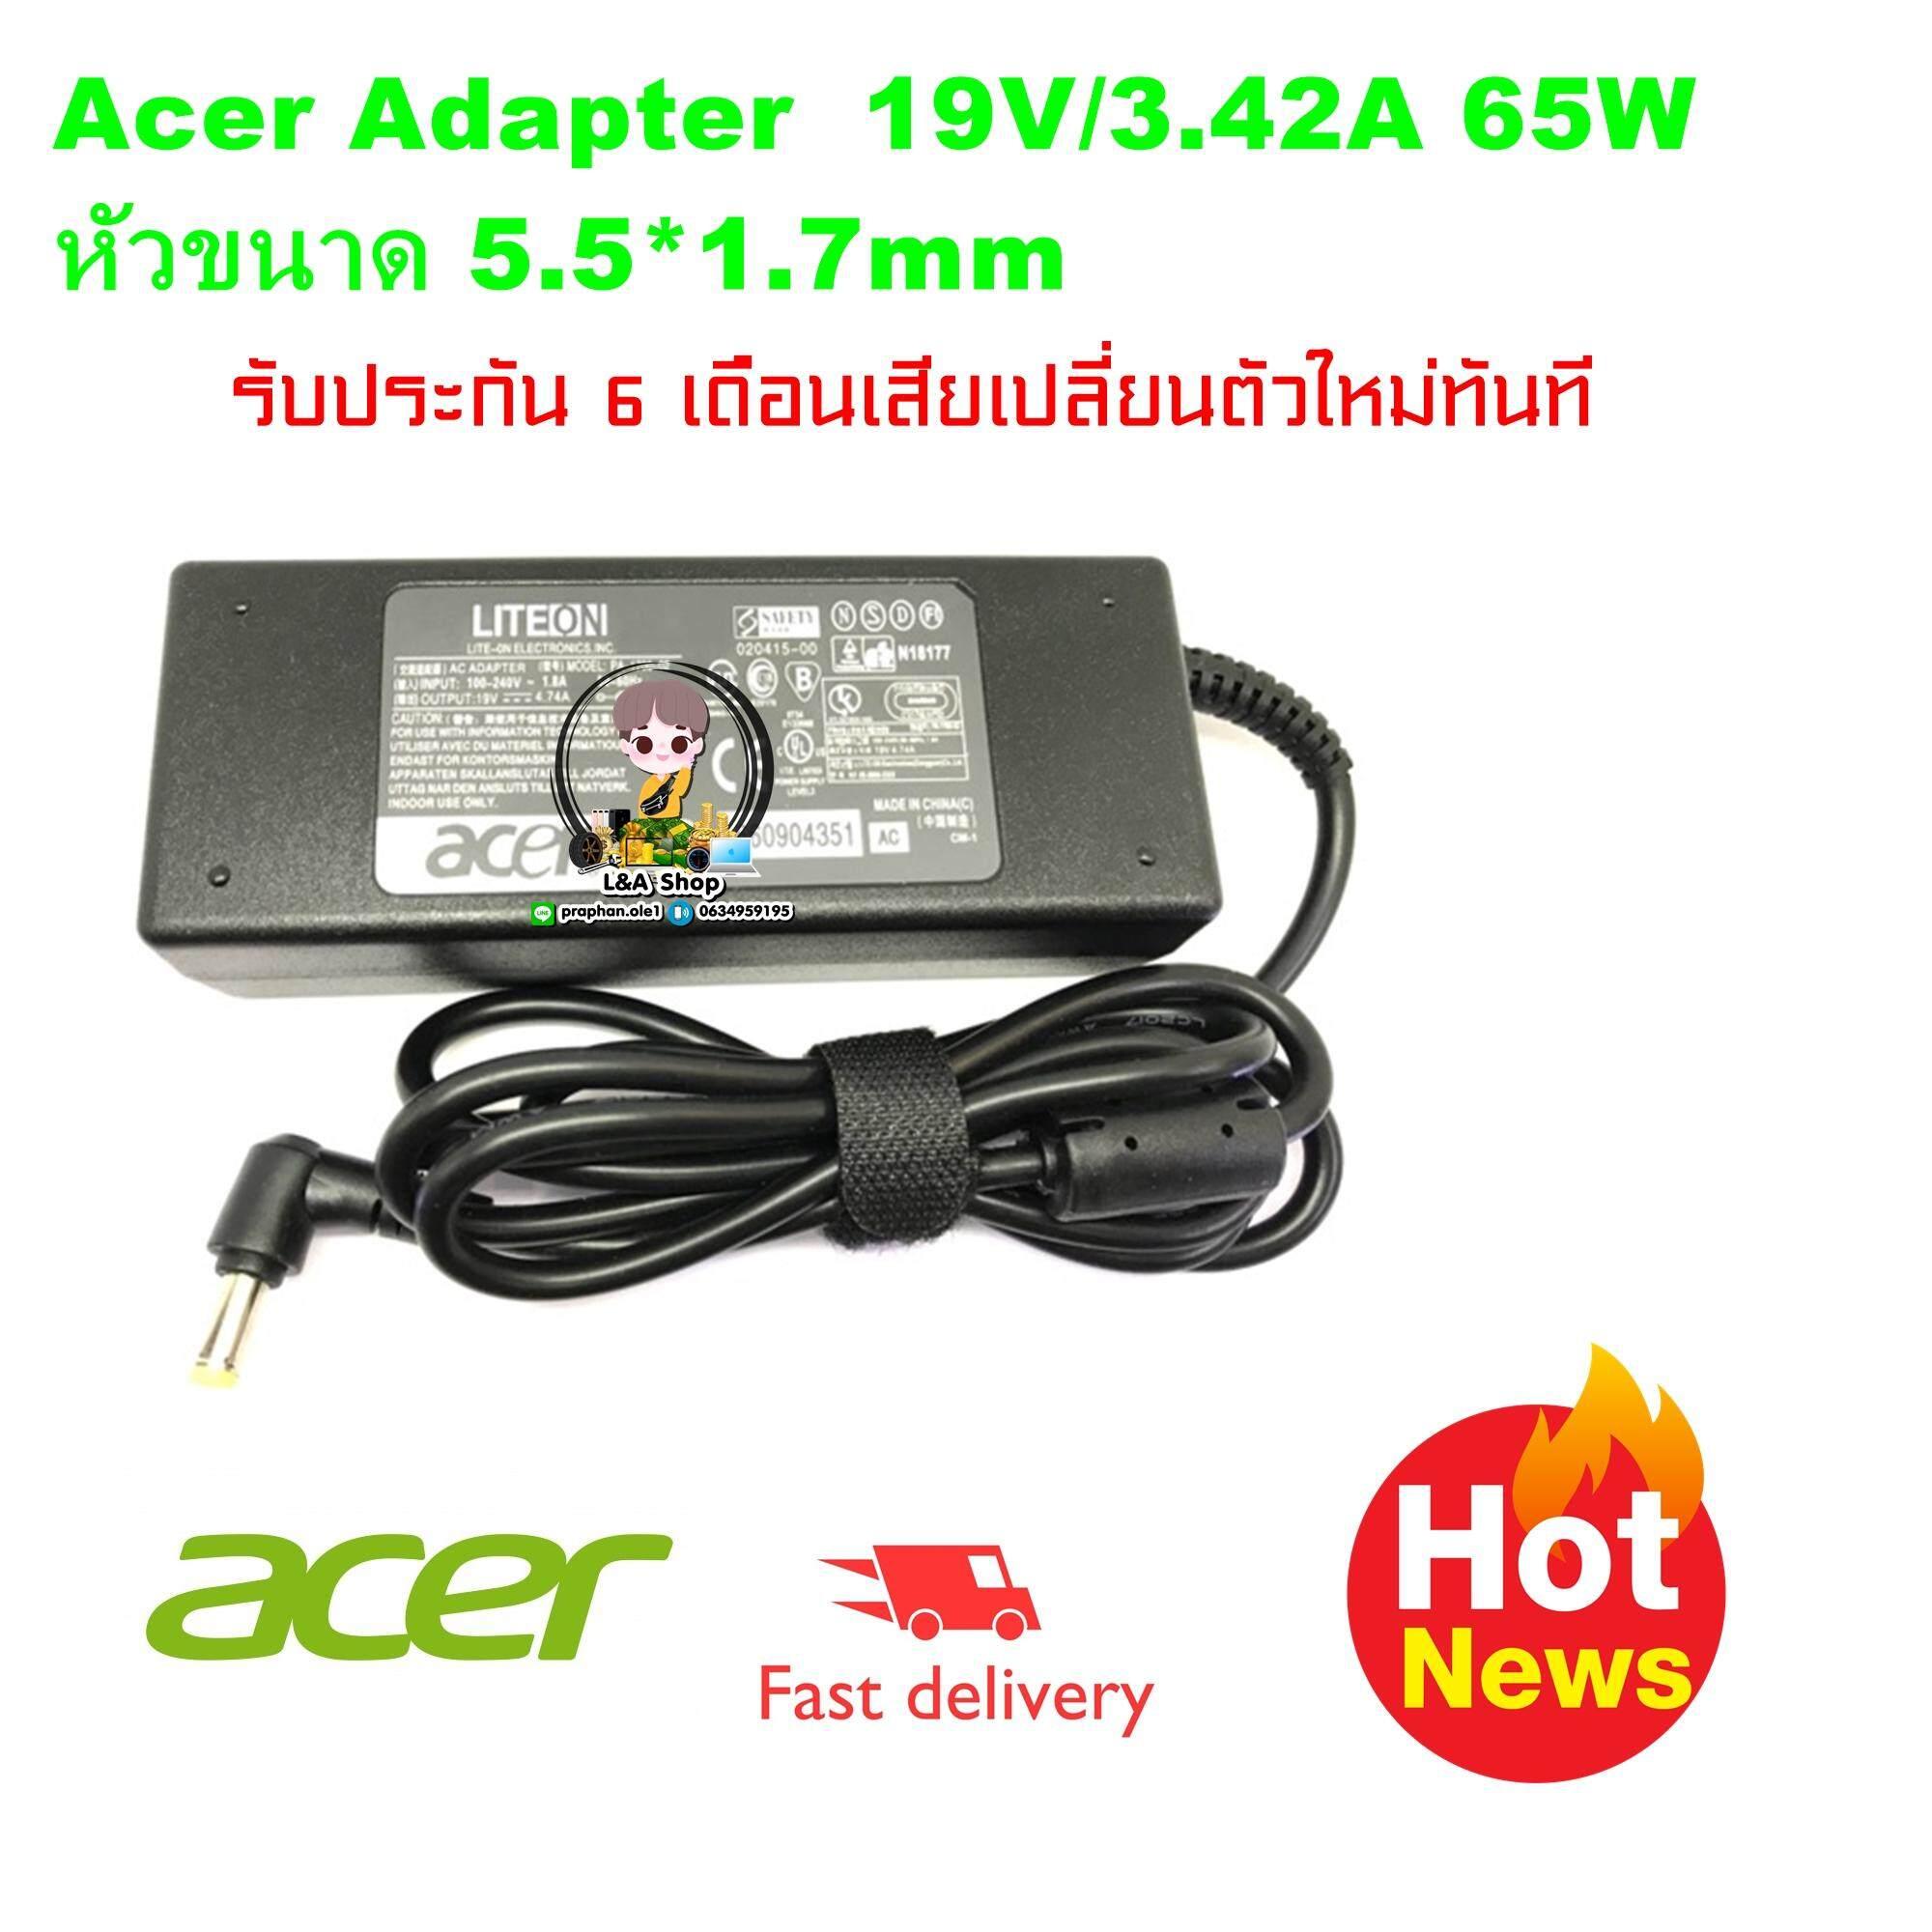 สายชาร์จ อแดปเตอร์ Acer Adapter 19v/3.42a 65w หัวขนาด 5.5*1.7mm.